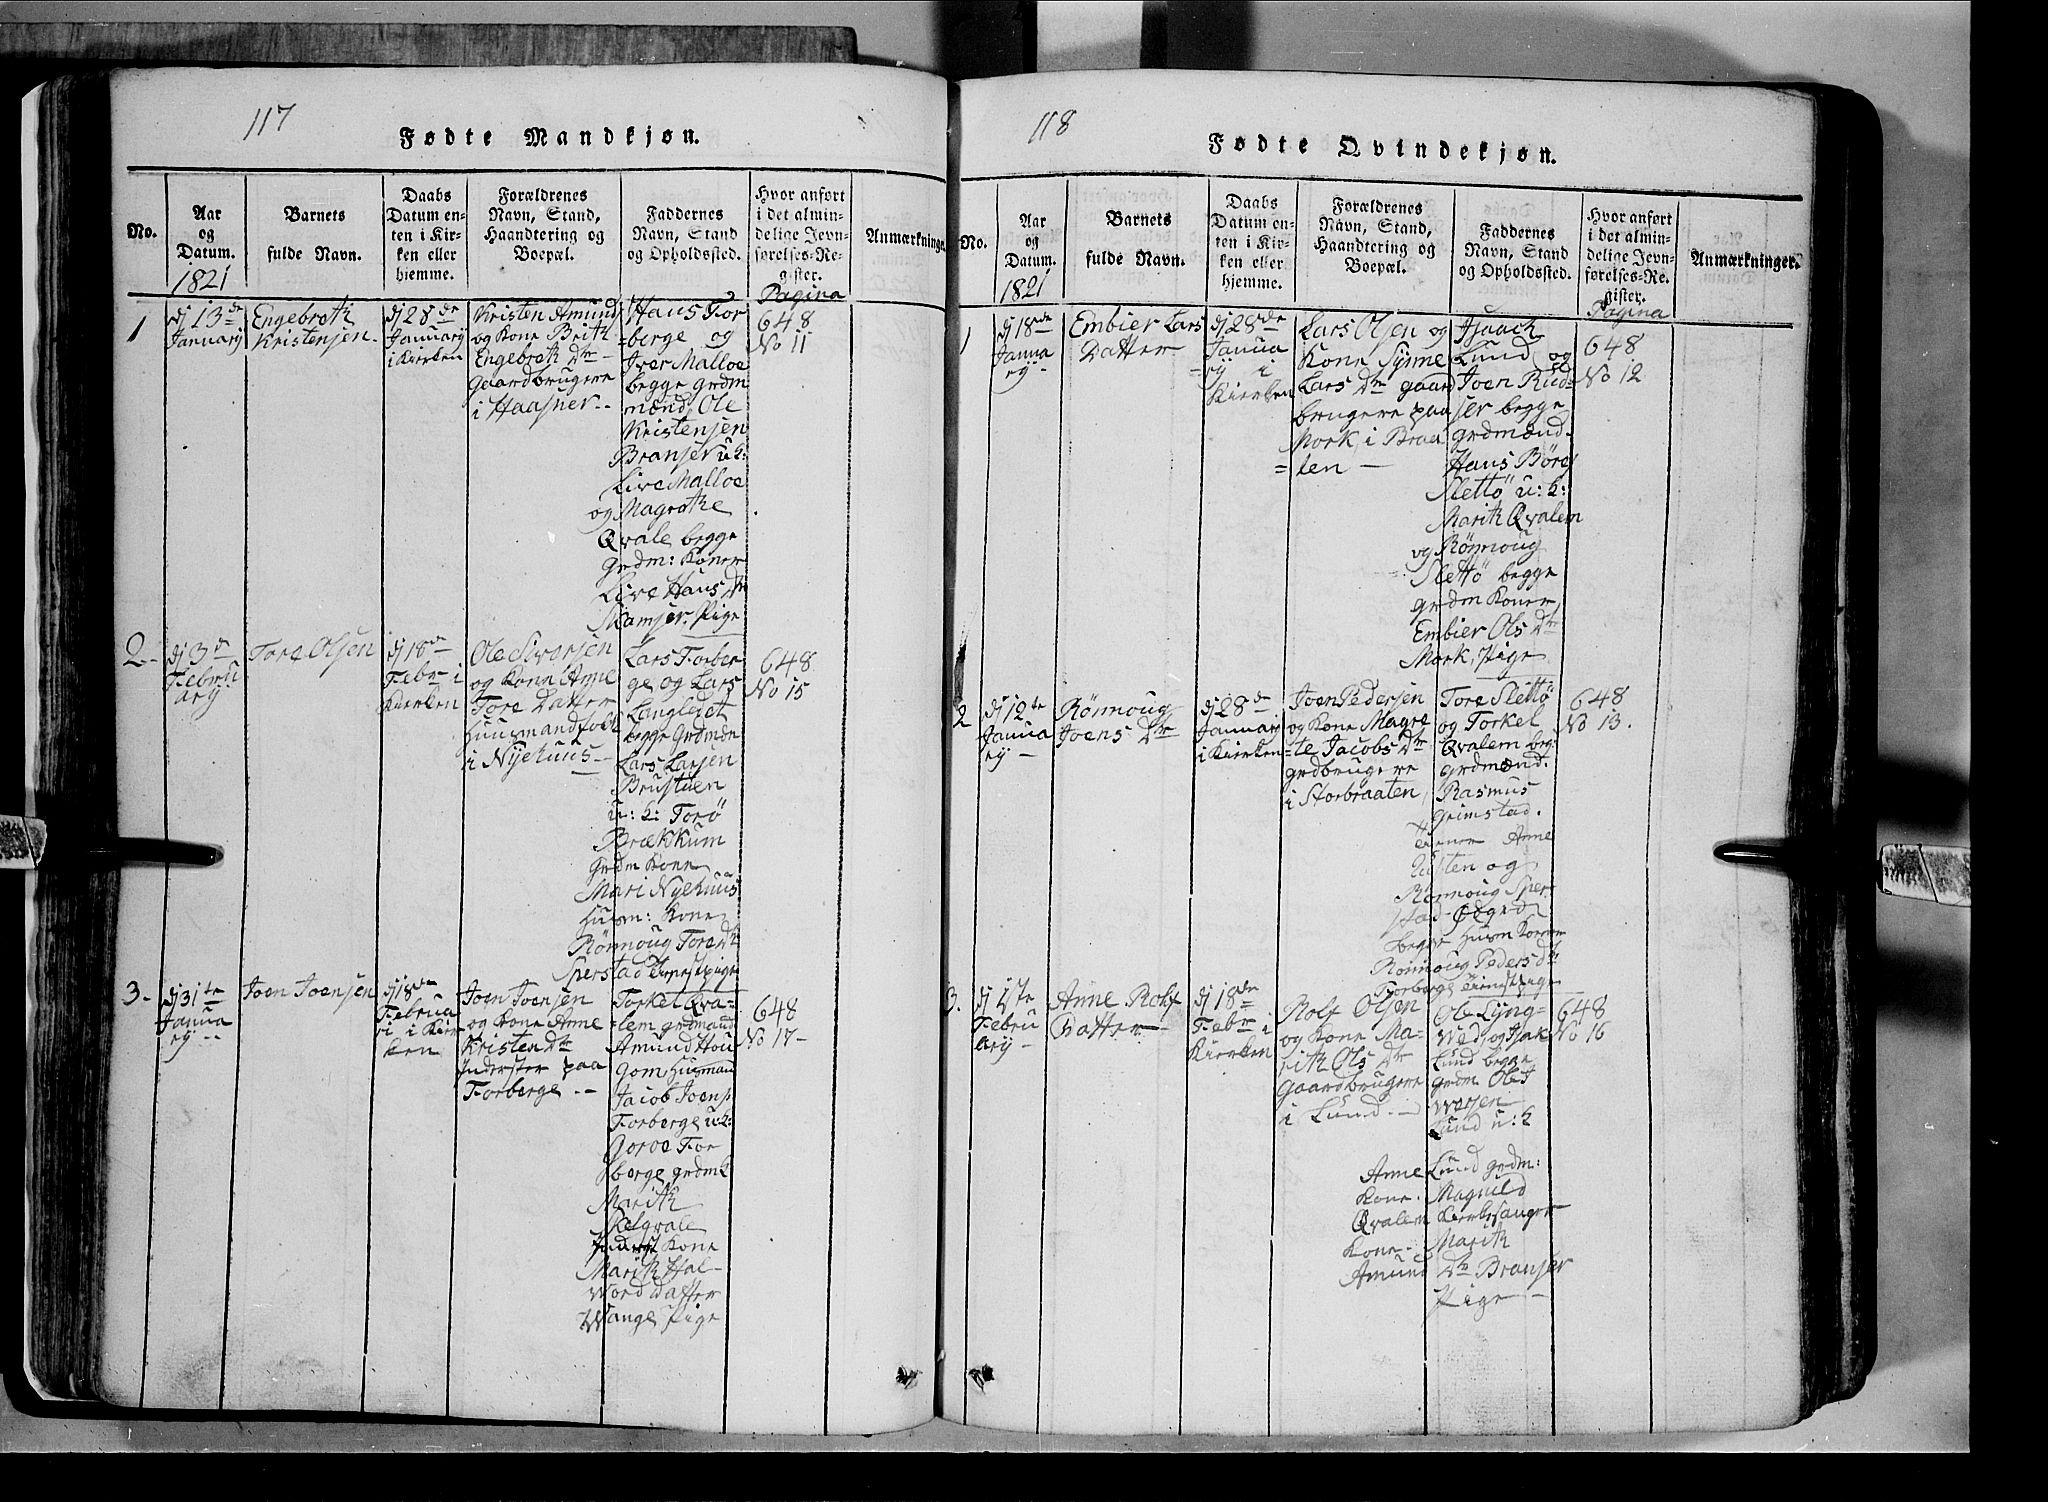 SAH, Lom prestekontor, L/L0003: Klokkerbok nr. 3, 1815-1844, s. 117-118